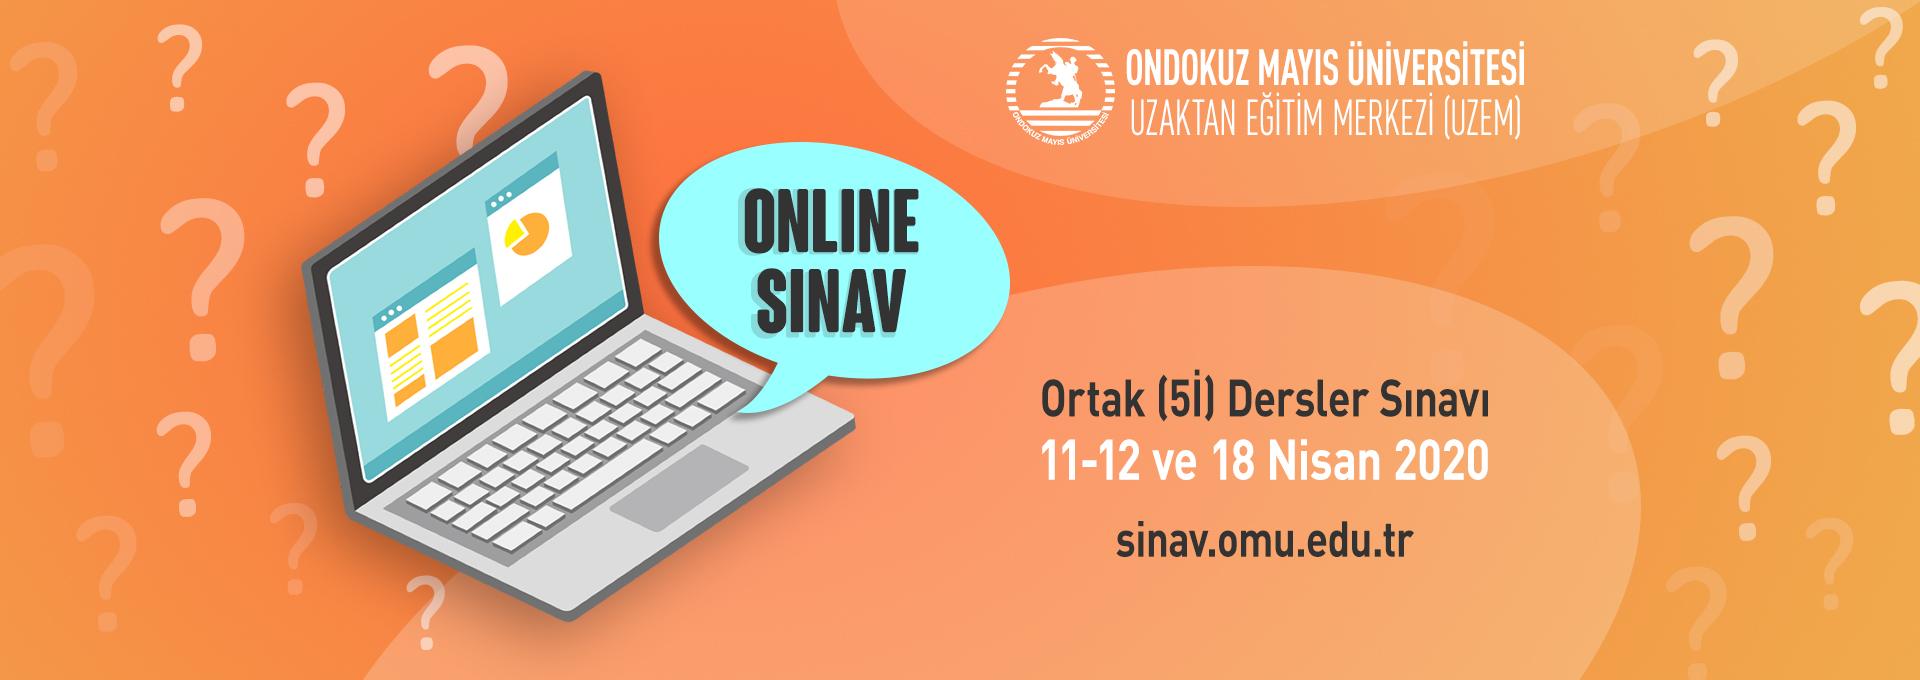 Ortak Dersler Sınavı 11-12 ve 18 Nisanda Online Olarak Yapılacak